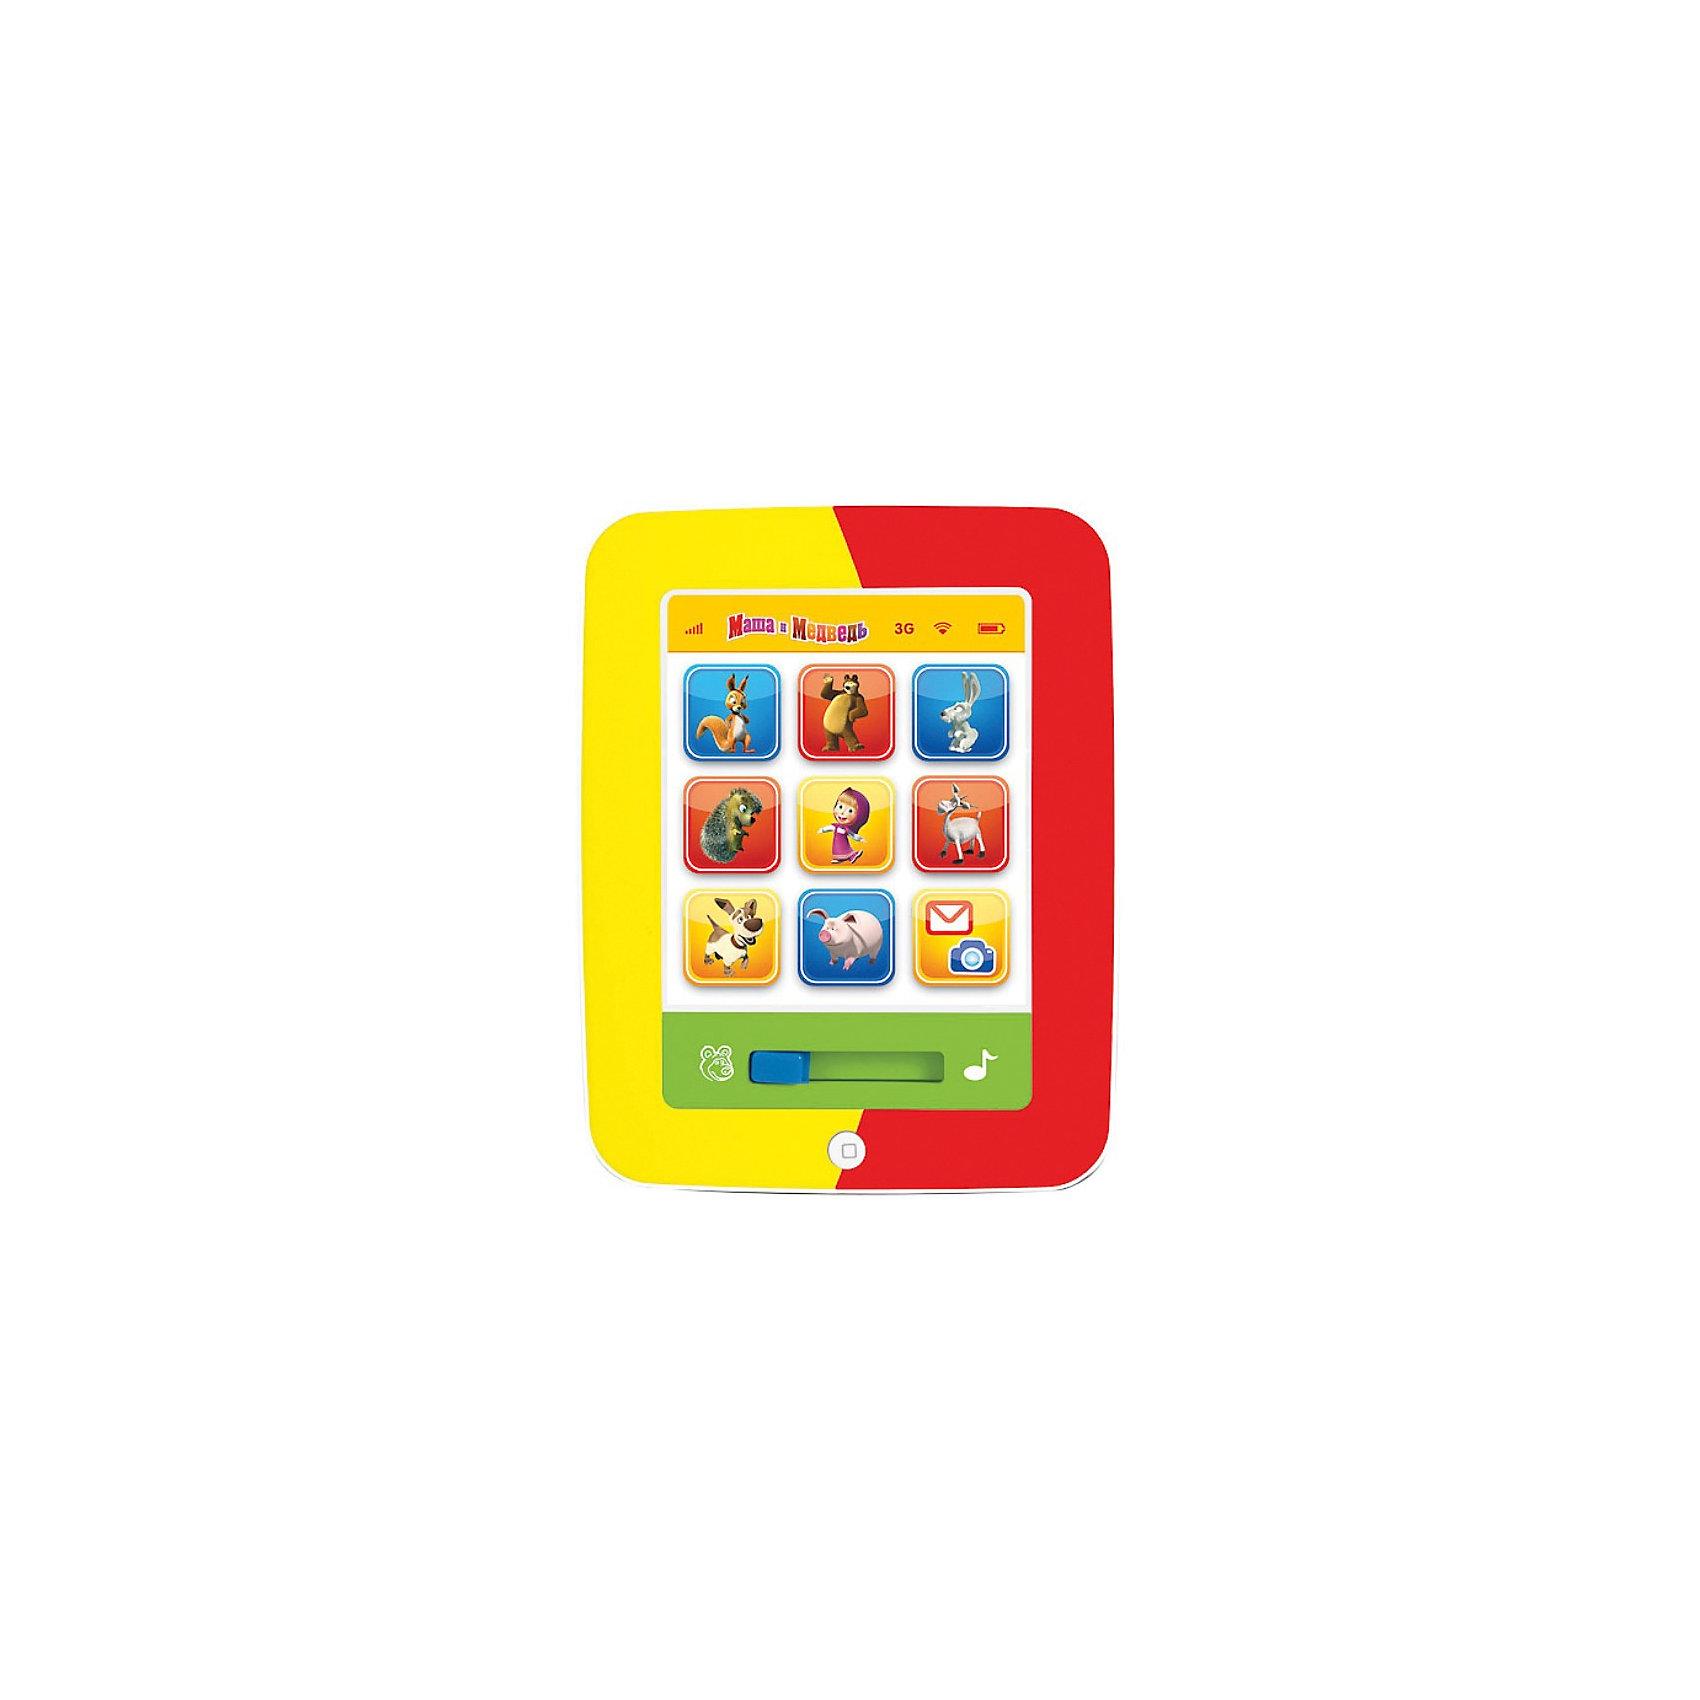 Мой первый планшет, Маша и медведь, со светом и звуком, УмкаОбучающие плакаты и планшеты<br>Мой первый планшет, Маша и медведь, Умка - красочная развивающая игрушка, которая надолго увлечет Вашего ребенка и будет способствовать его интеллектуальному развитию. Игрушка выполнена в ярком привлекательном дизайне в форме планшета.<br><br>В игрушке предусмотрено 7 развивающих функций. На игровой панели размещены крупные разноцветные кнопки с изображениями персонажей мультфильма - забавных зверюшек. При нажатии на кнопки ребенок услышит названия и голоса животных, а также факты о них. На планшете можно прослушать 9 стихотворений и 2 песенки из мультфильма. Имеется  автоматическое отключение, световые и звуковые эффекты.<br><br>Дополнительная информация:<br><br>- Материал: пластик, металл.<br>- Требуются батарейки: 3 х АА (входят в комплект).<br>- Размер: 22 х 17 х 3 см.<br>- Вес: 0,376 кг.<br><br>Мой первый планшет, Маша и медведь, Умка можно купить в нашем интернет-магазине.<br><br>Ширина мм: 220<br>Глубина мм: 30<br>Высота мм: 290<br>Вес г: 390<br>Возраст от месяцев: 6<br>Возраст до месяцев: 36<br>Пол: Унисекс<br>Возраст: Детский<br>SKU: 3702462